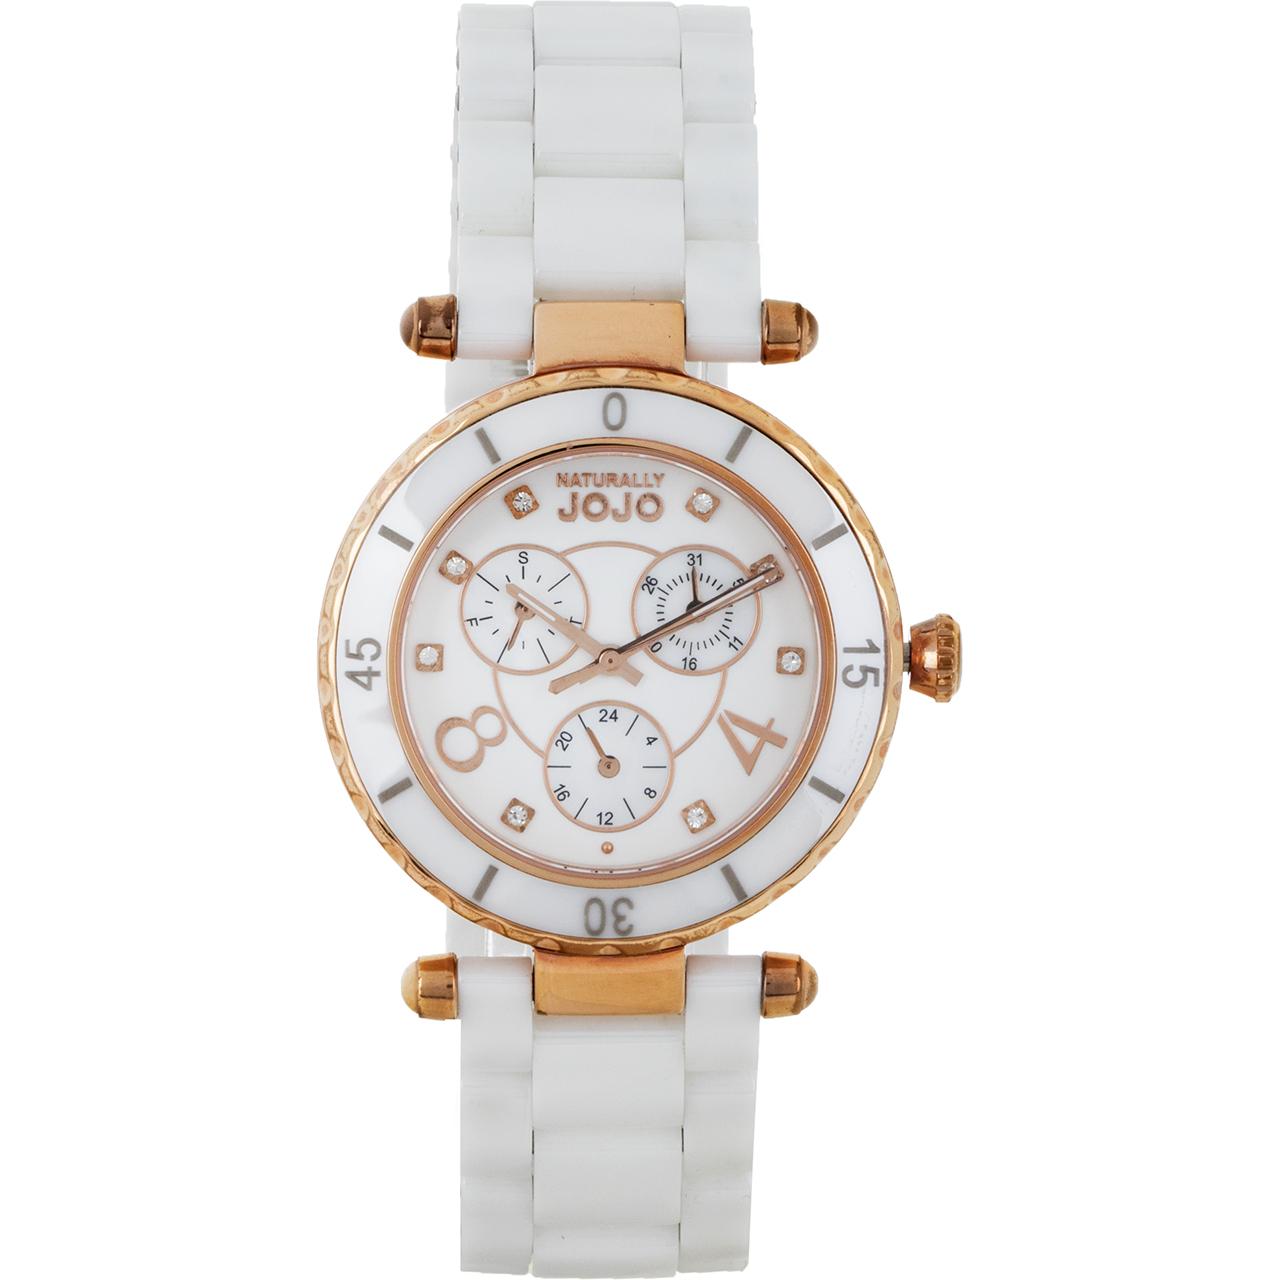 ساعت مچی عقربه ای زنانه نچرالی ژوژو مدل JO96683.80R